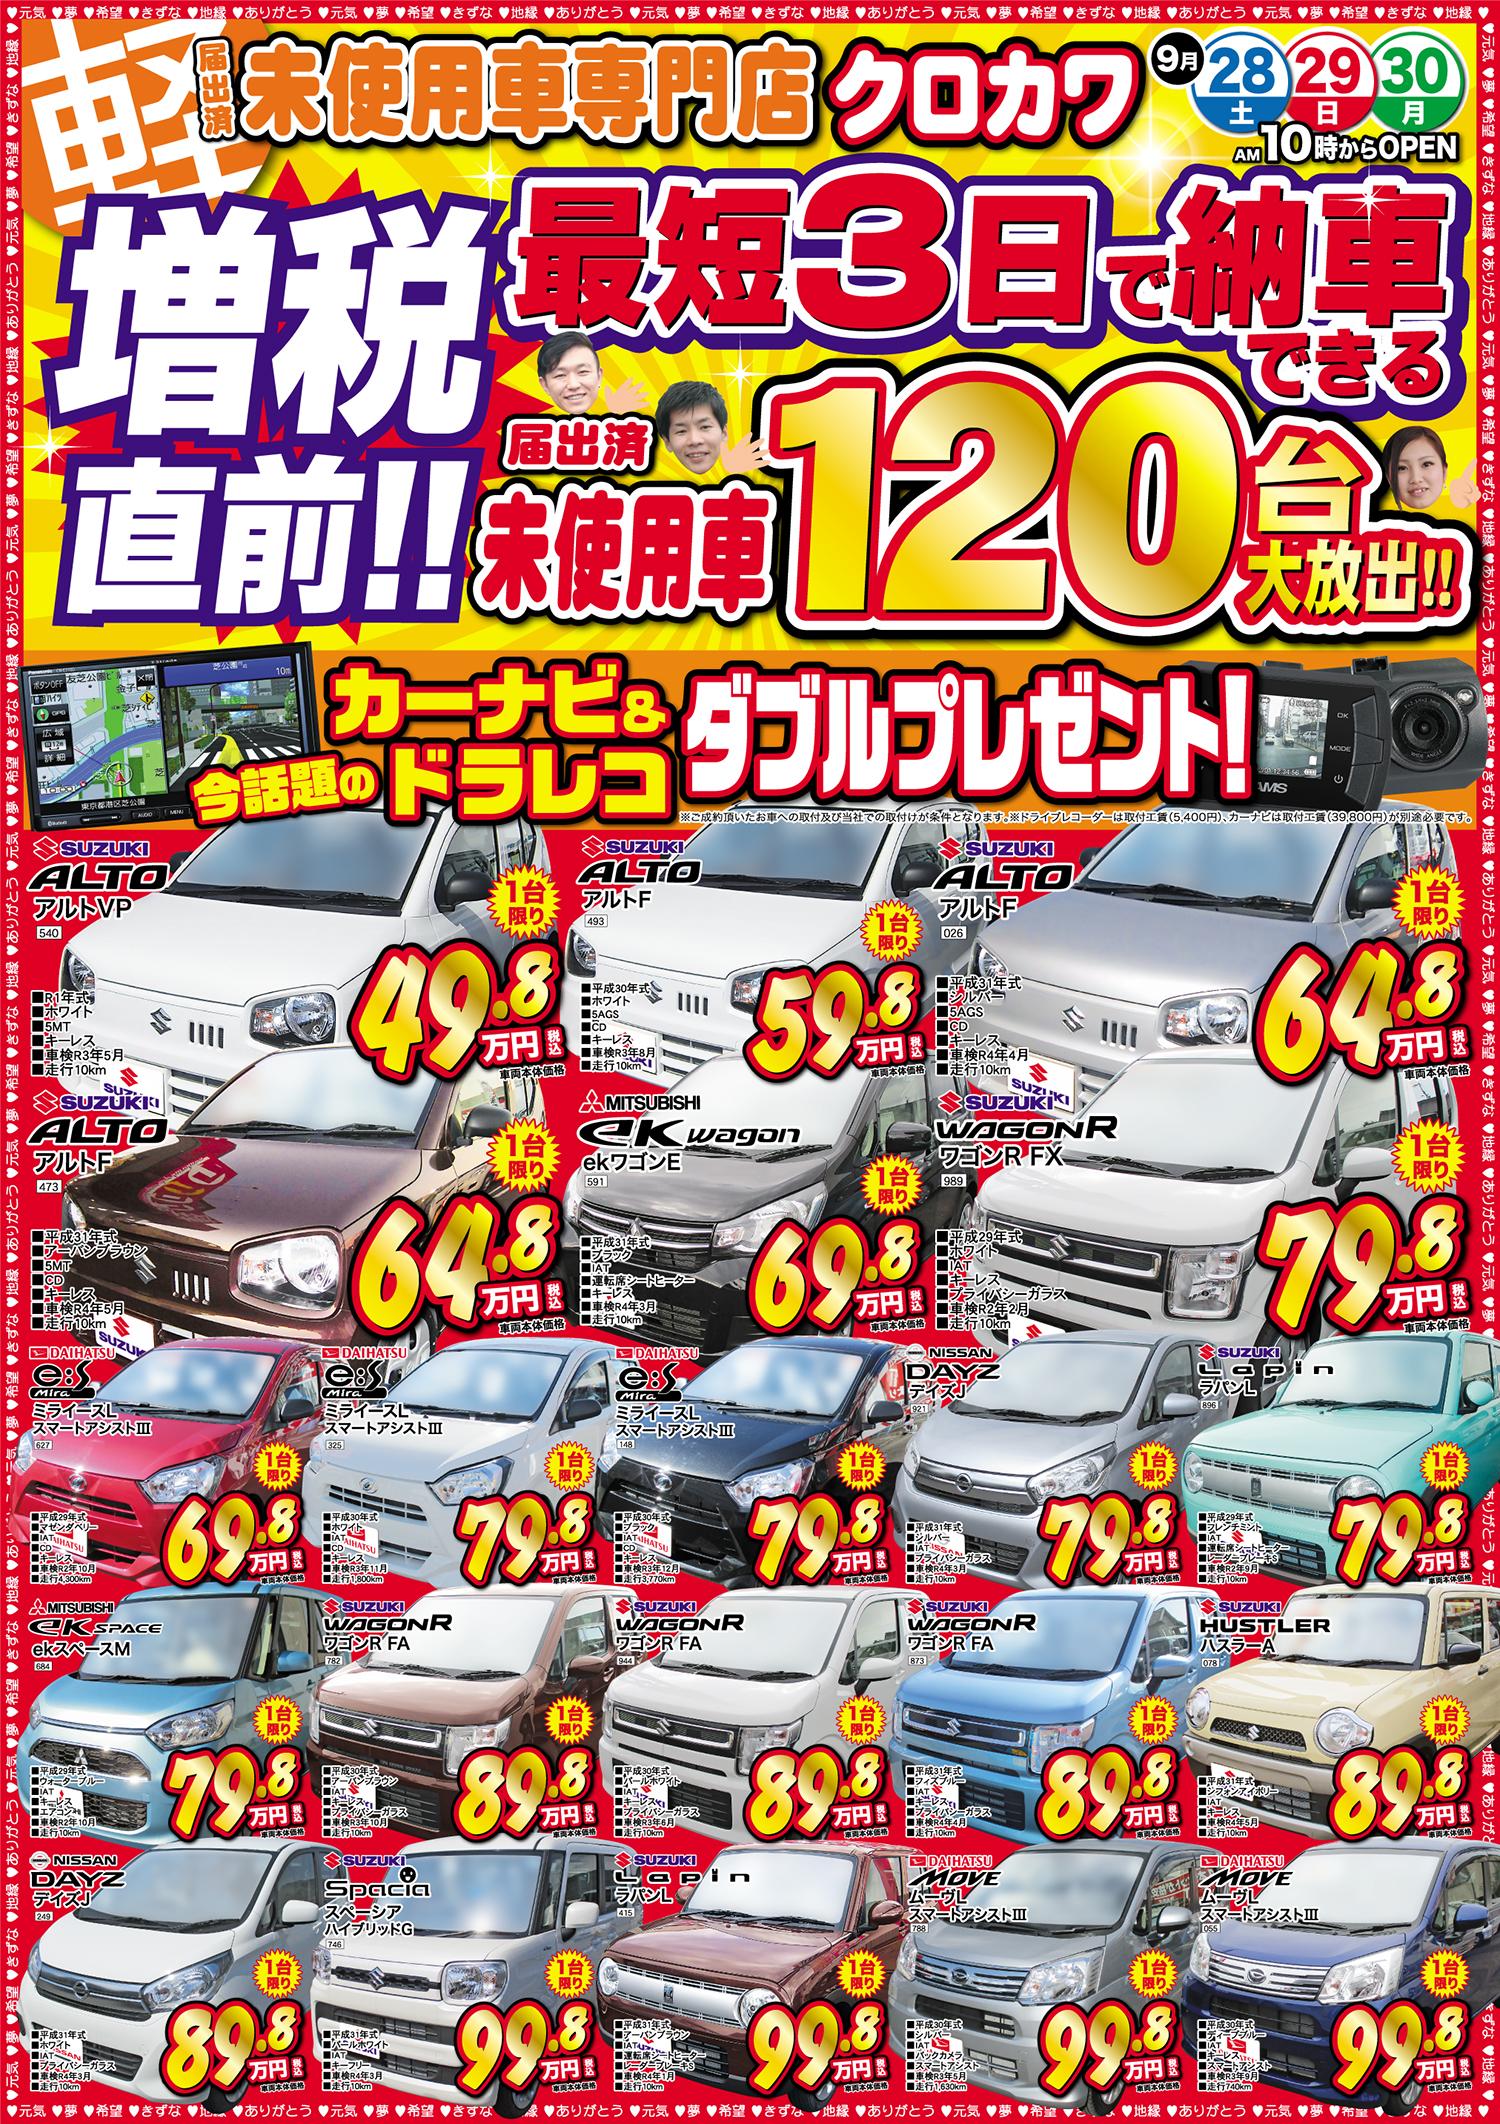 【増税直前】最低3日で納車できる!未使用車120台大放出!!